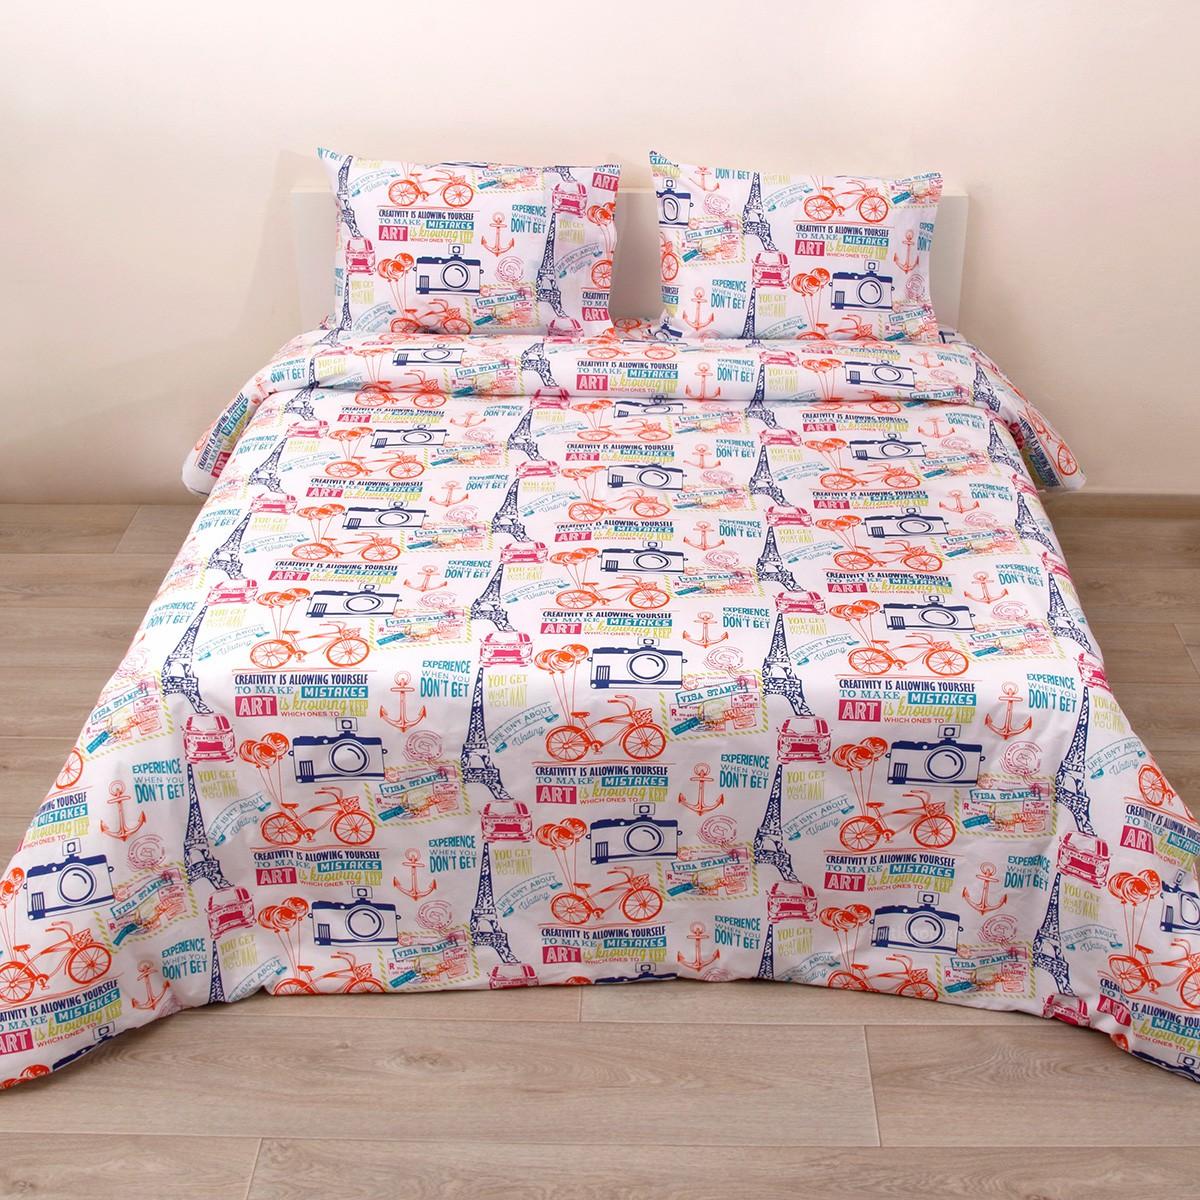 Κουβερλί Κούνιας (Σετ) Viopros Baby Cotton Πάρκερ